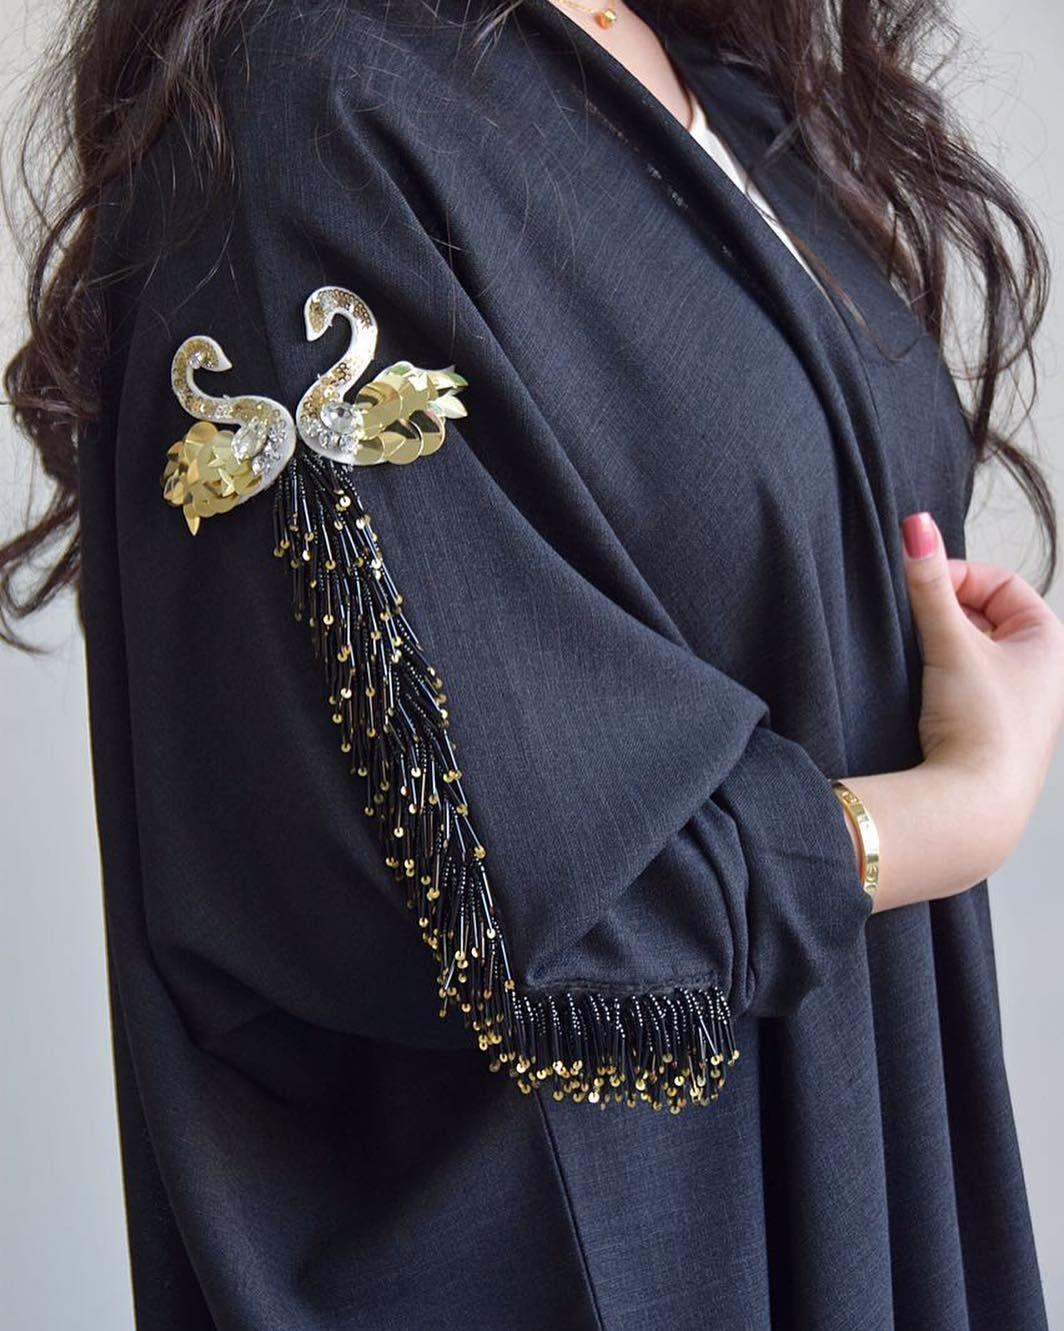 100 Likes 8 Comments S By سيدتي Sbysayedati On Instagram سعر العباية90٠ دينار رقم العباية S51 عباية Embroidery Fashion Abayas Fashion Abaya Fashion